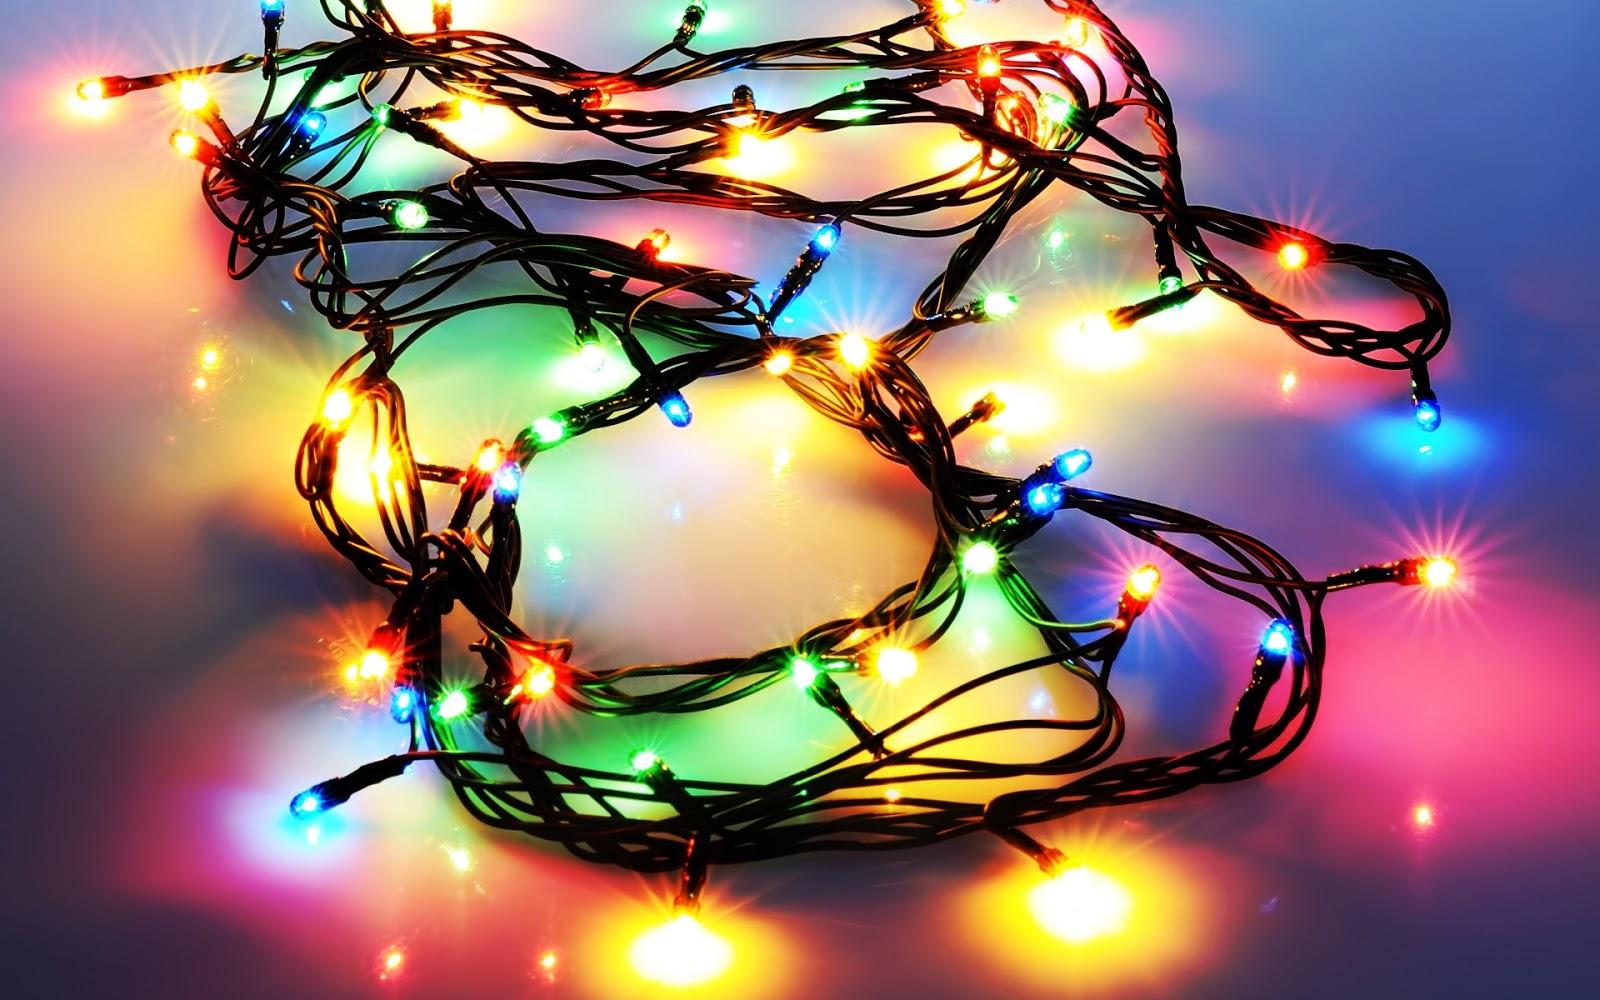 christmas lights wallpaper - Amber Christmas Lights